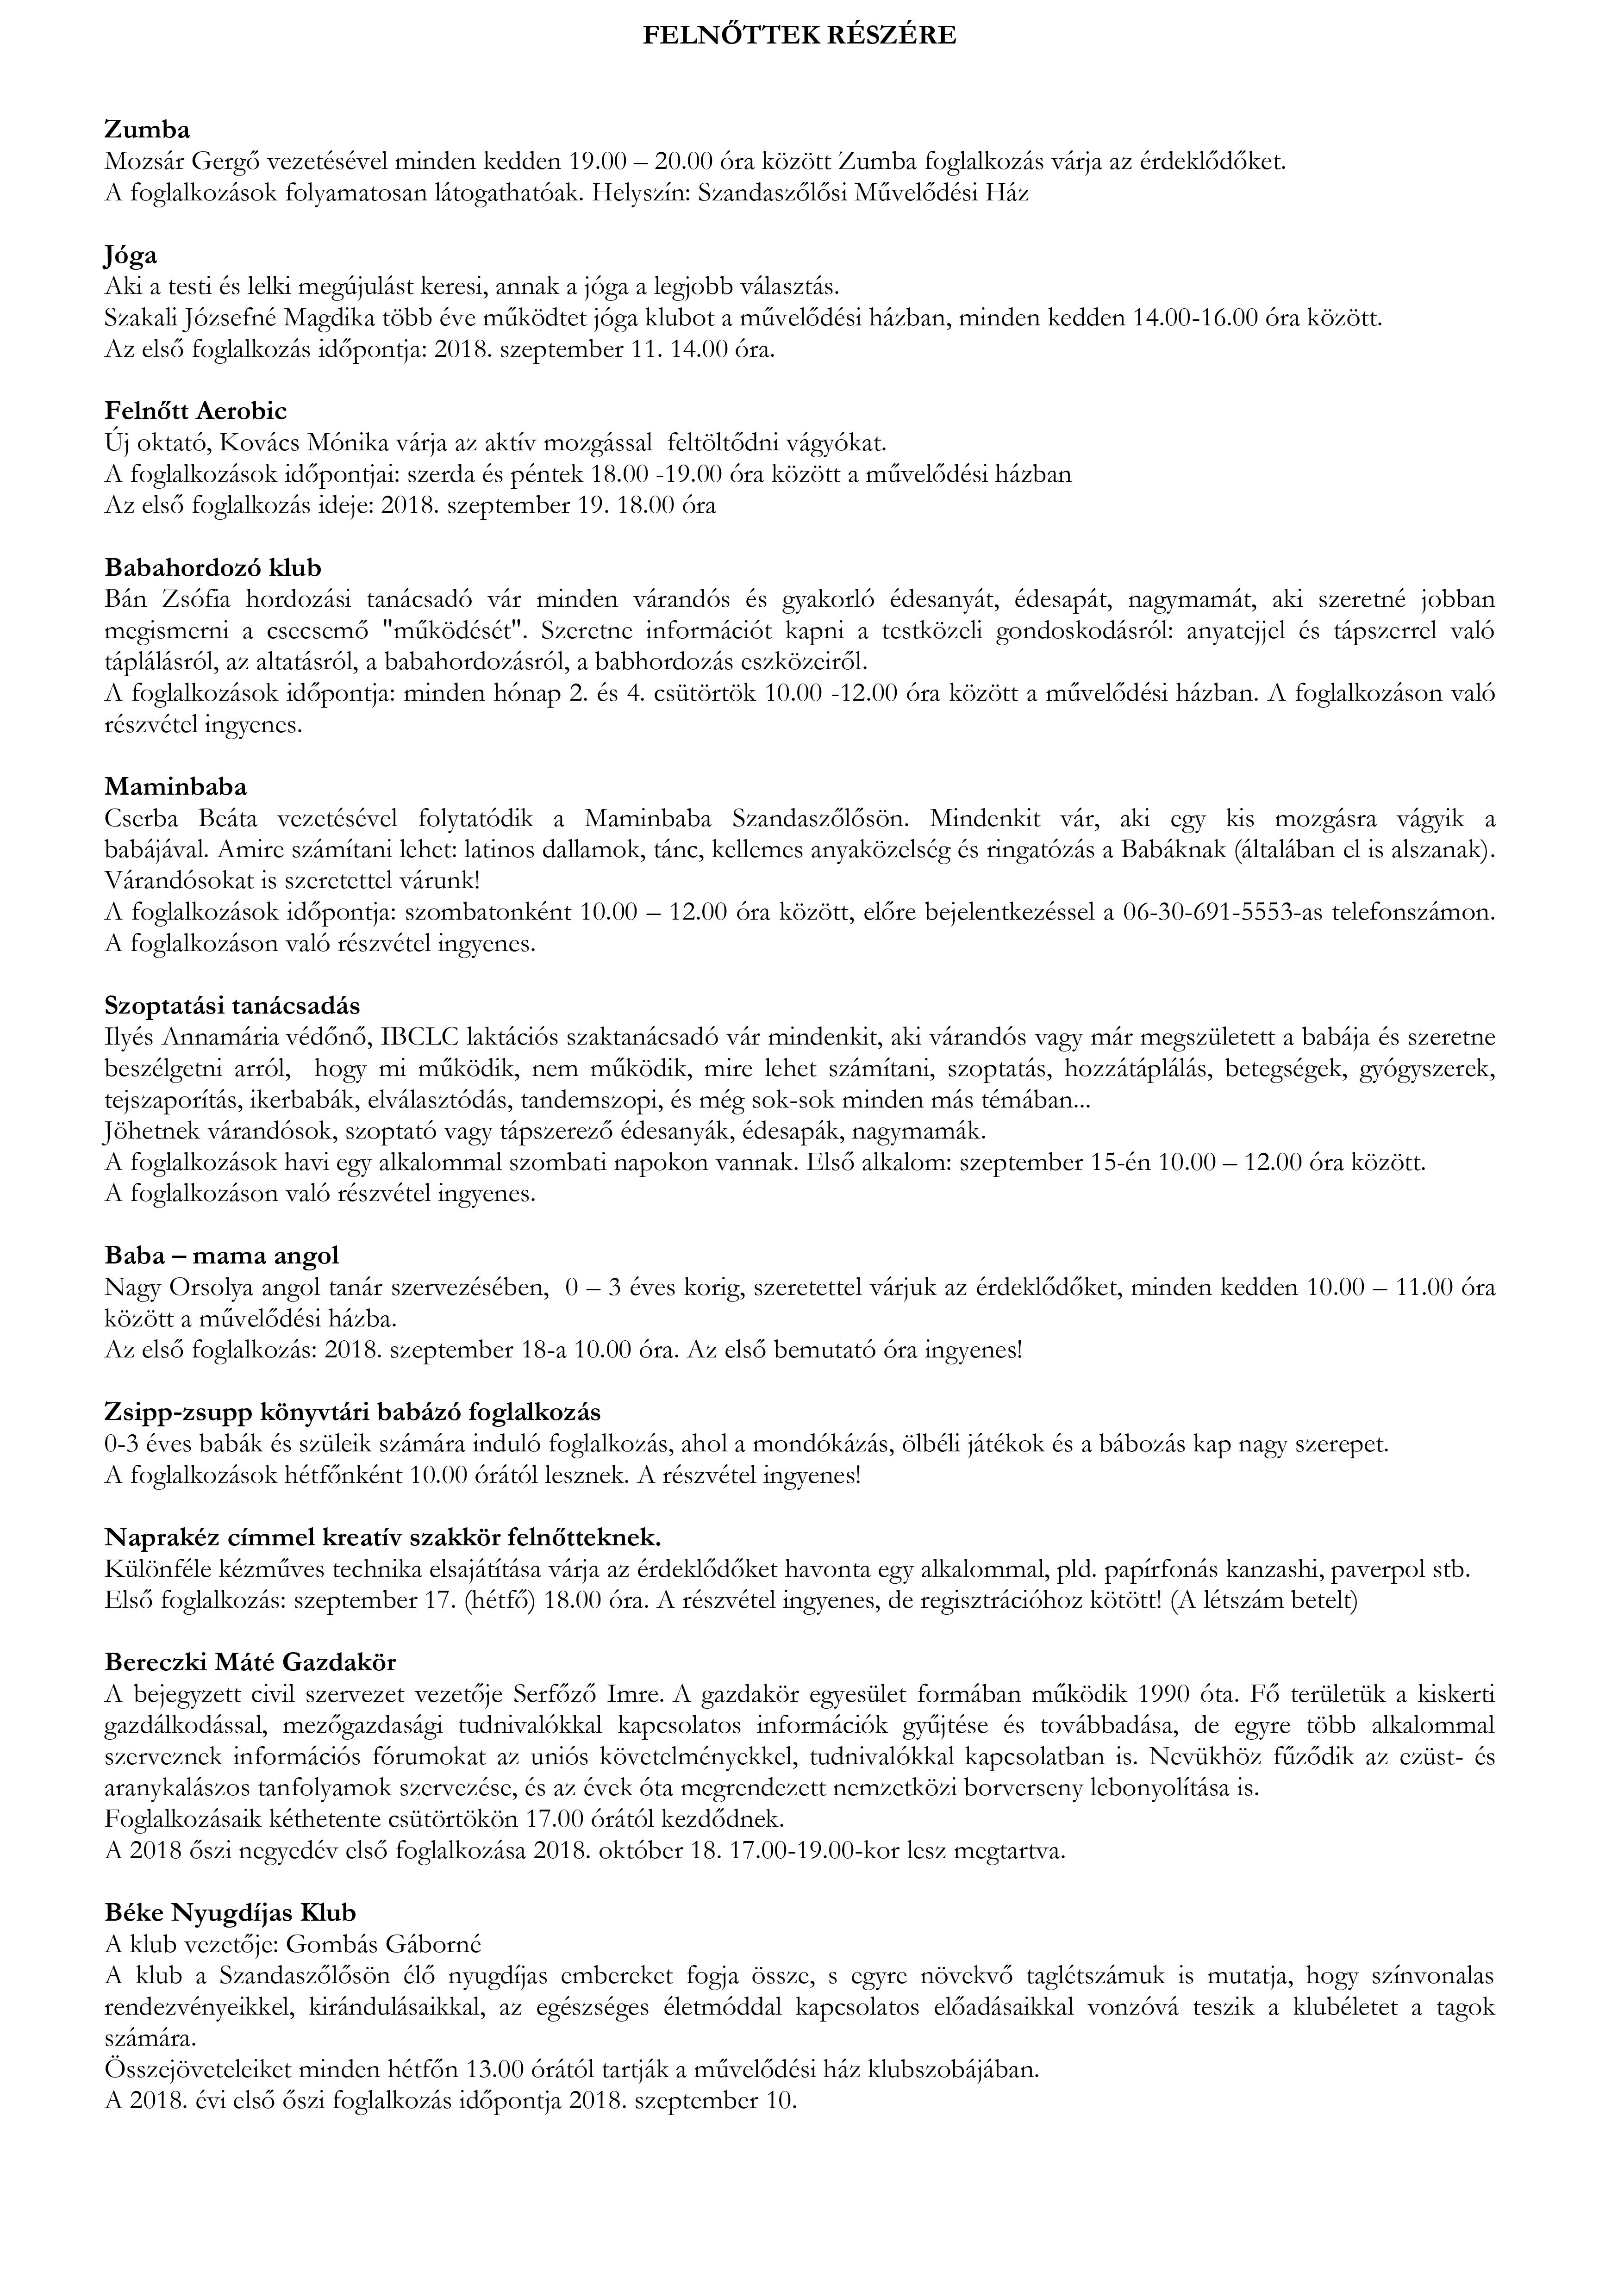 Felnőtt foglalkozás 1. oldal